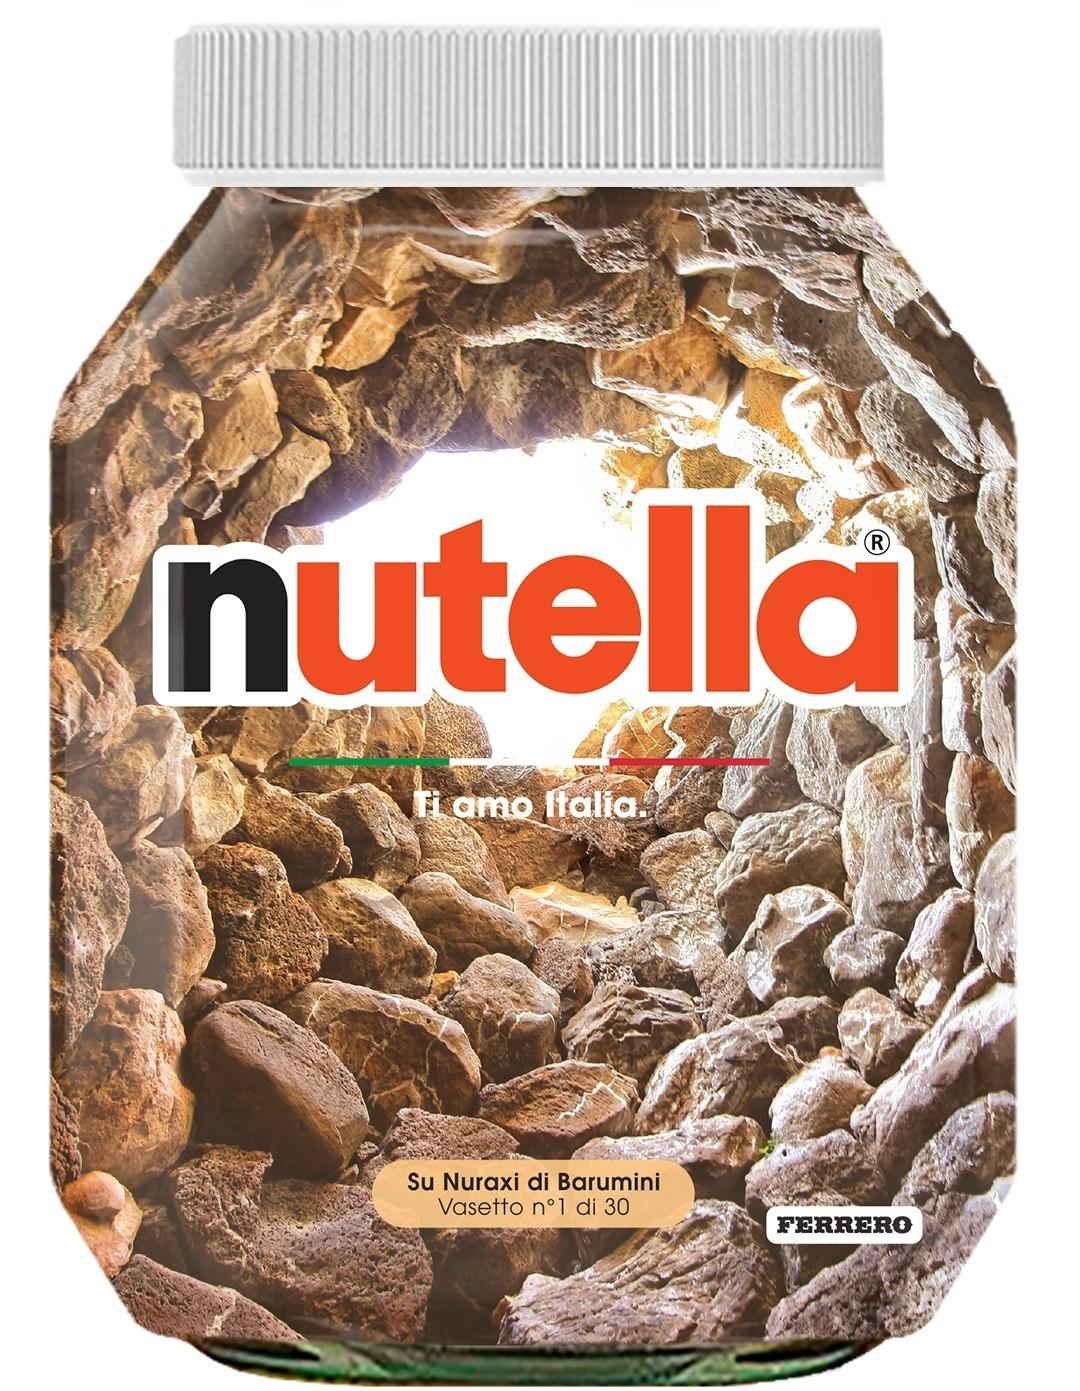 Nutella 01 Sardegna Su Nuraxi di Barumini